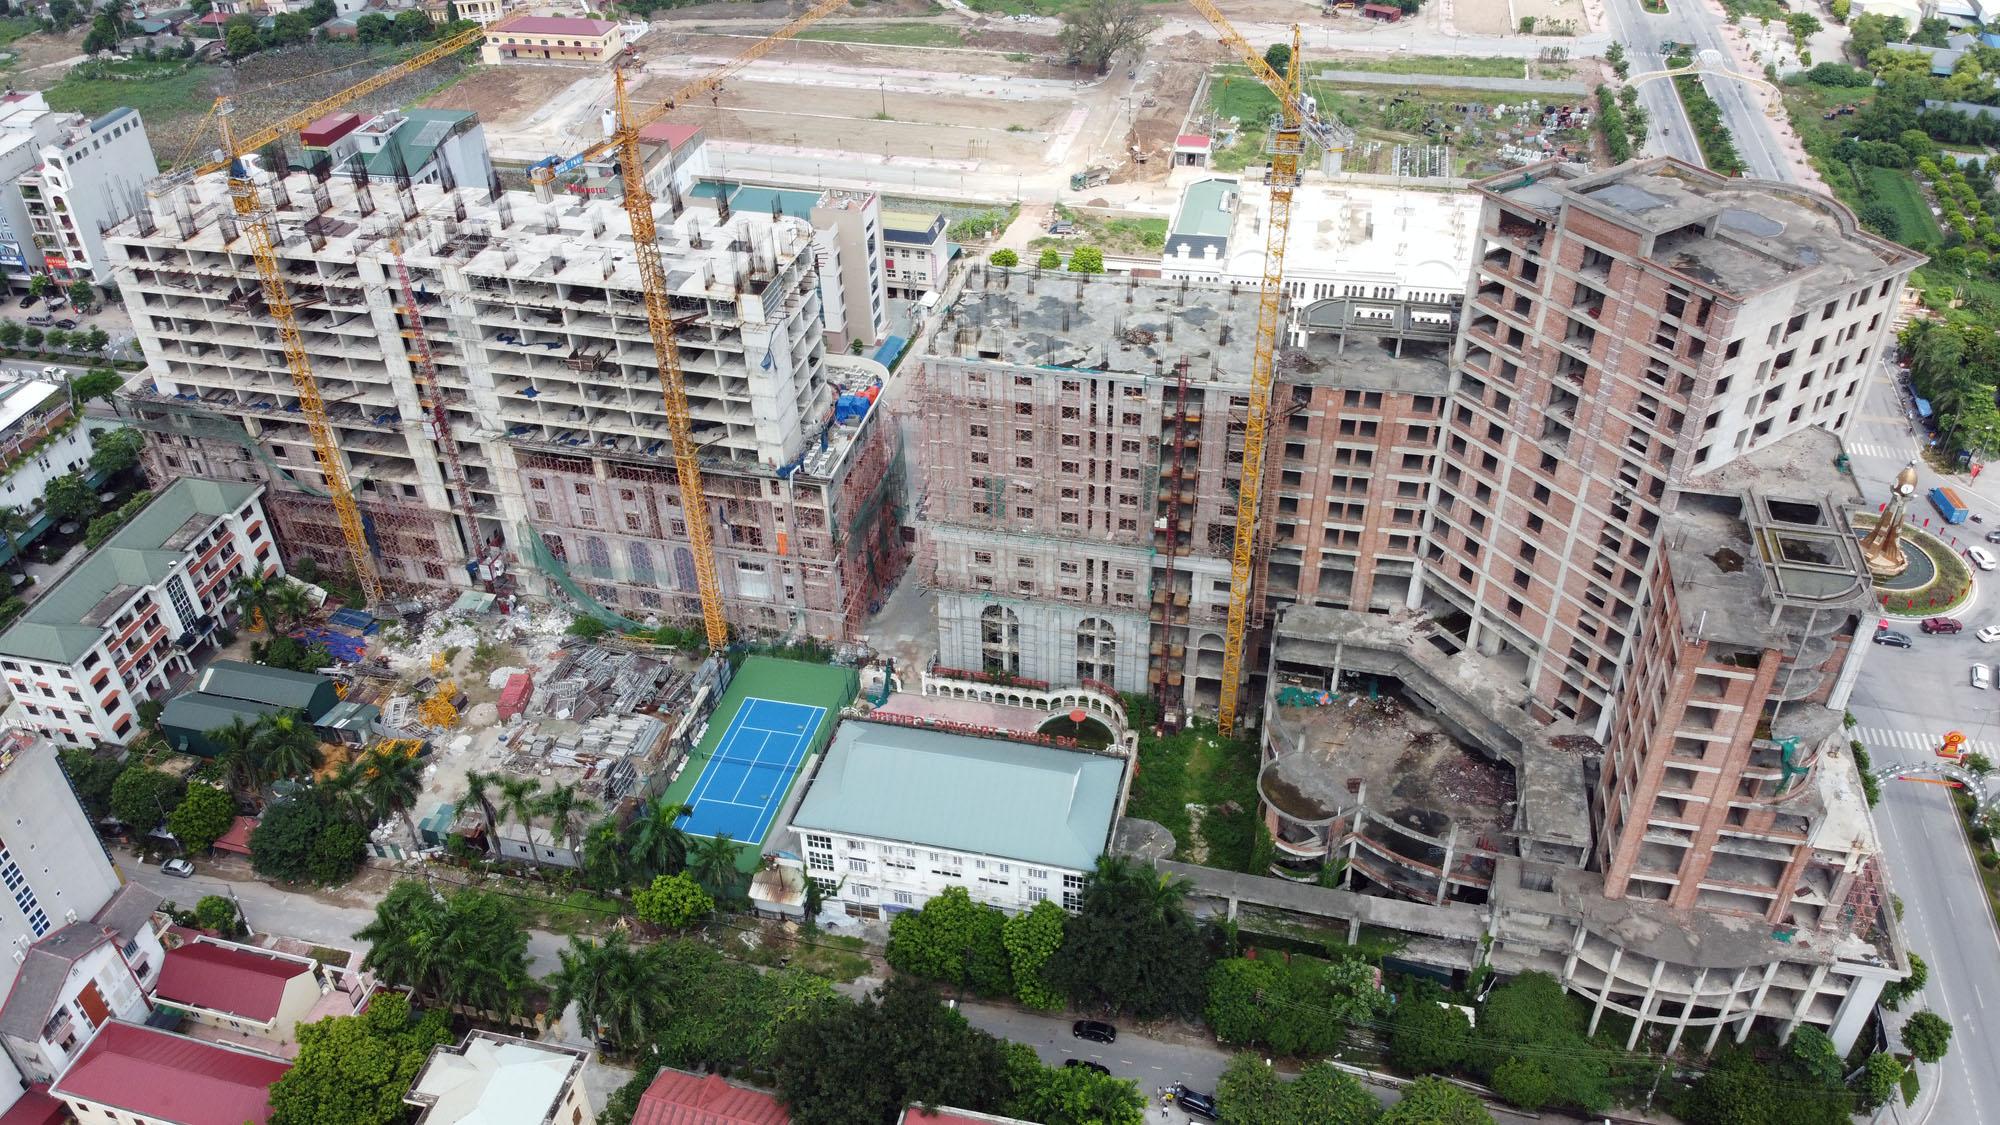 Dự án TTTM Hongkong London trên 'đất vàng' Từ Sơn, Bắc Ninh bỏ hoang nhiều năm - Ảnh 6.